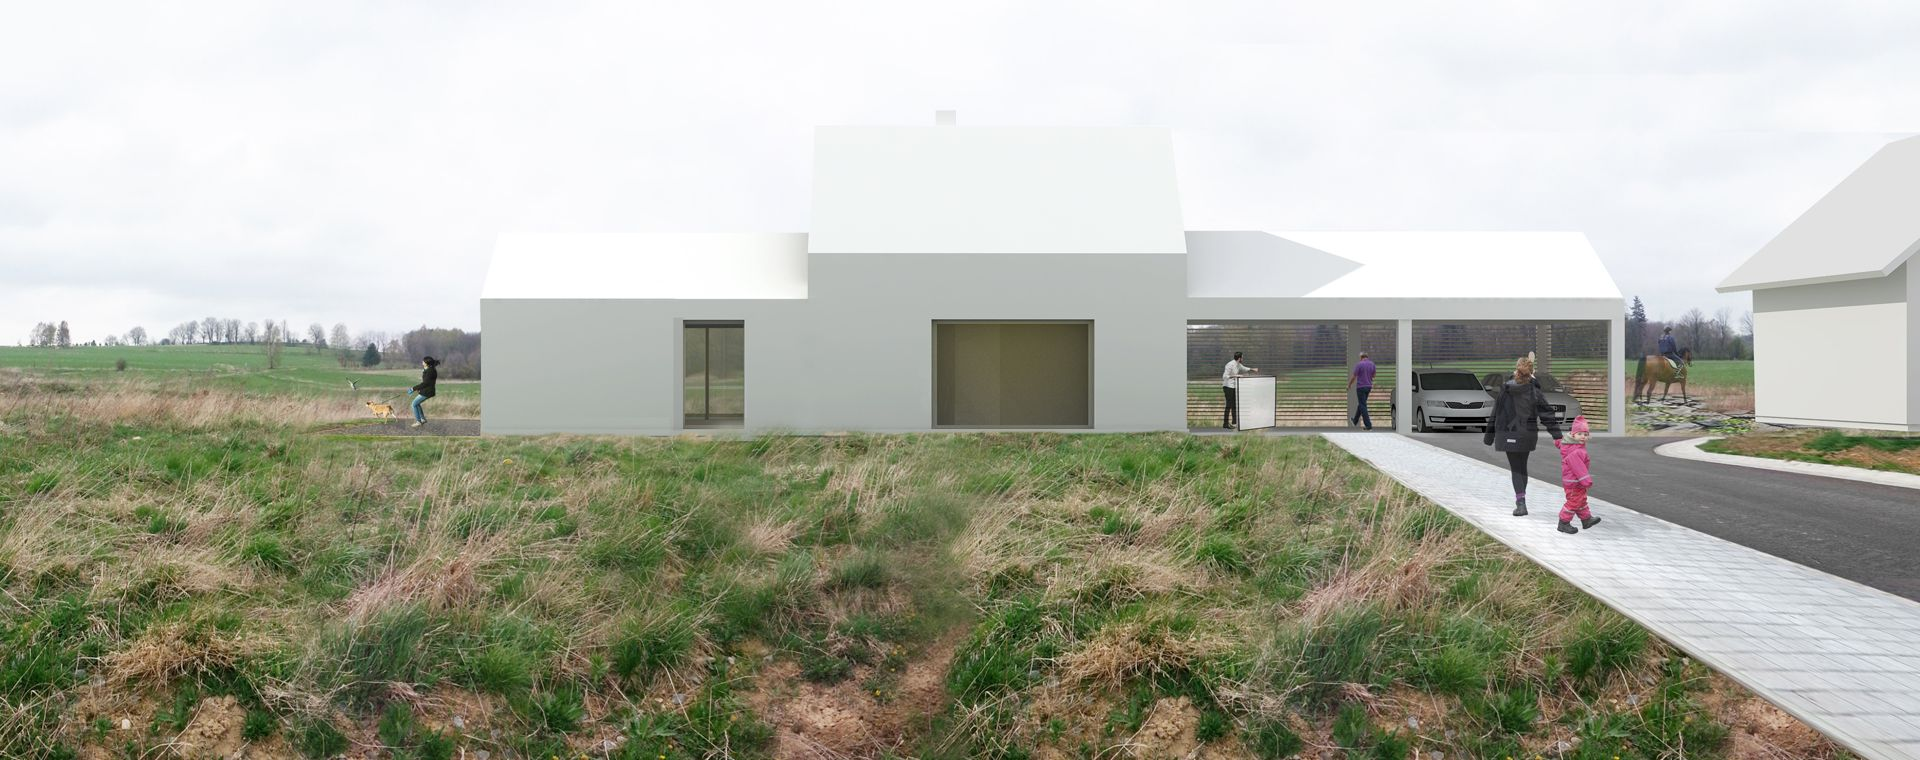 Family house in Pocitky, Vysocina, 2014